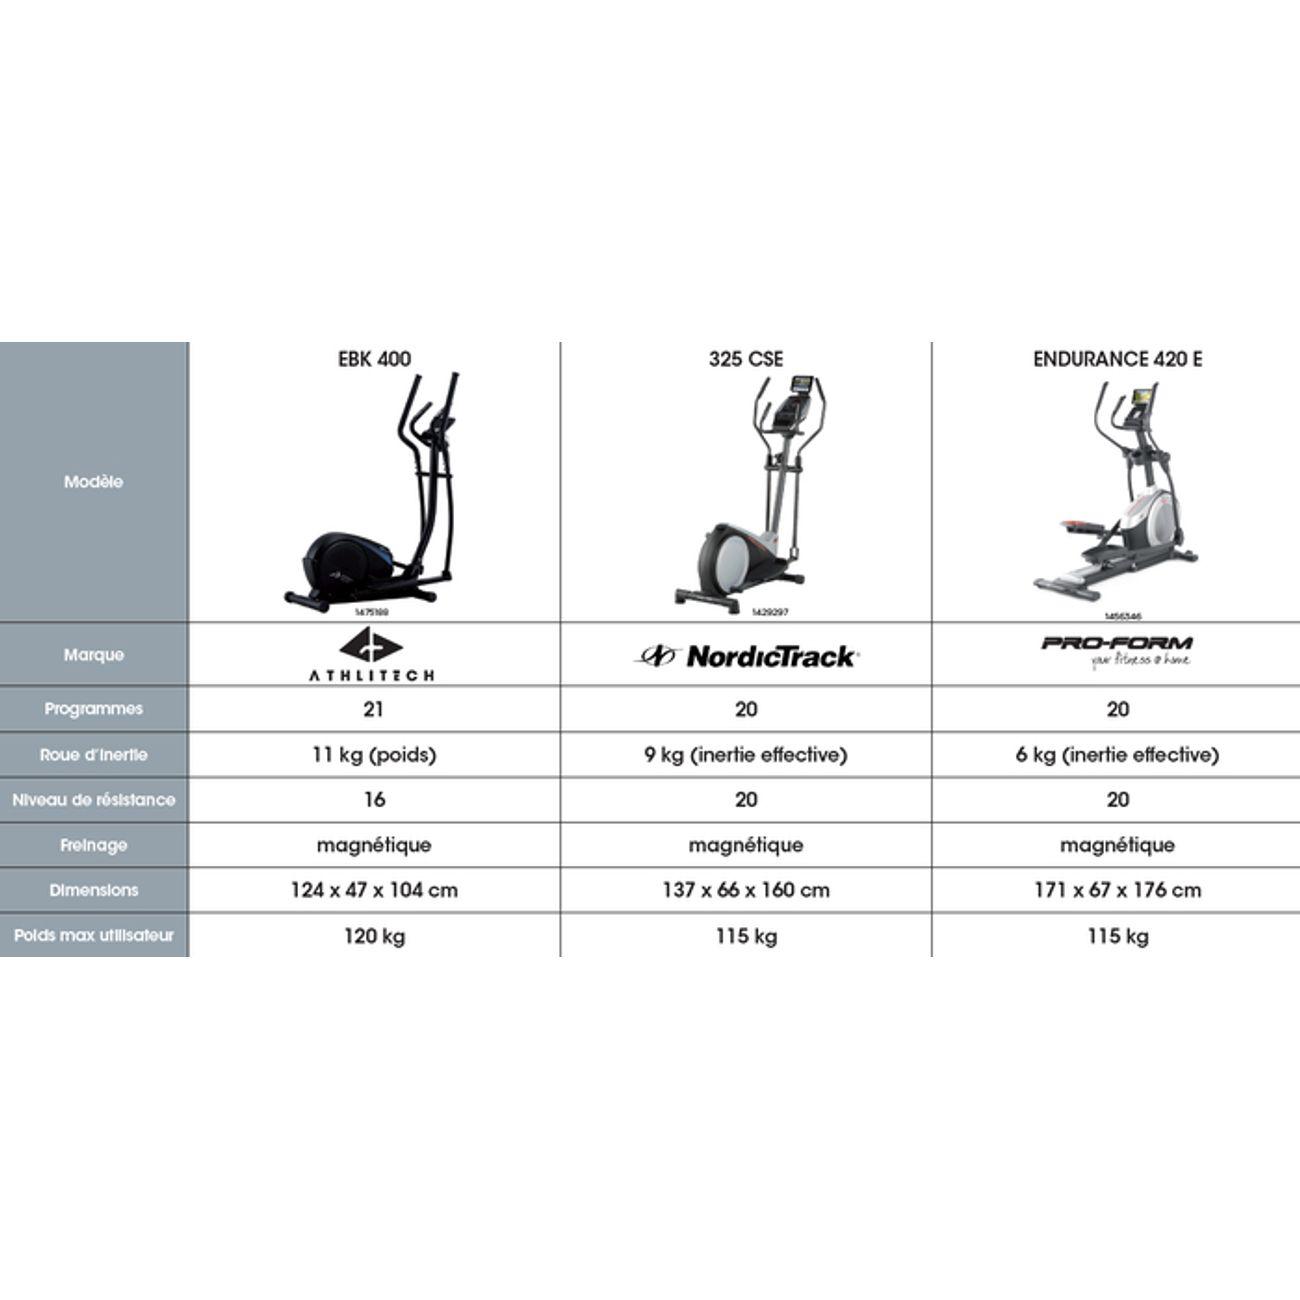 VELO ELLIPTIQUE Fitness  ATHLITECH EBK 400